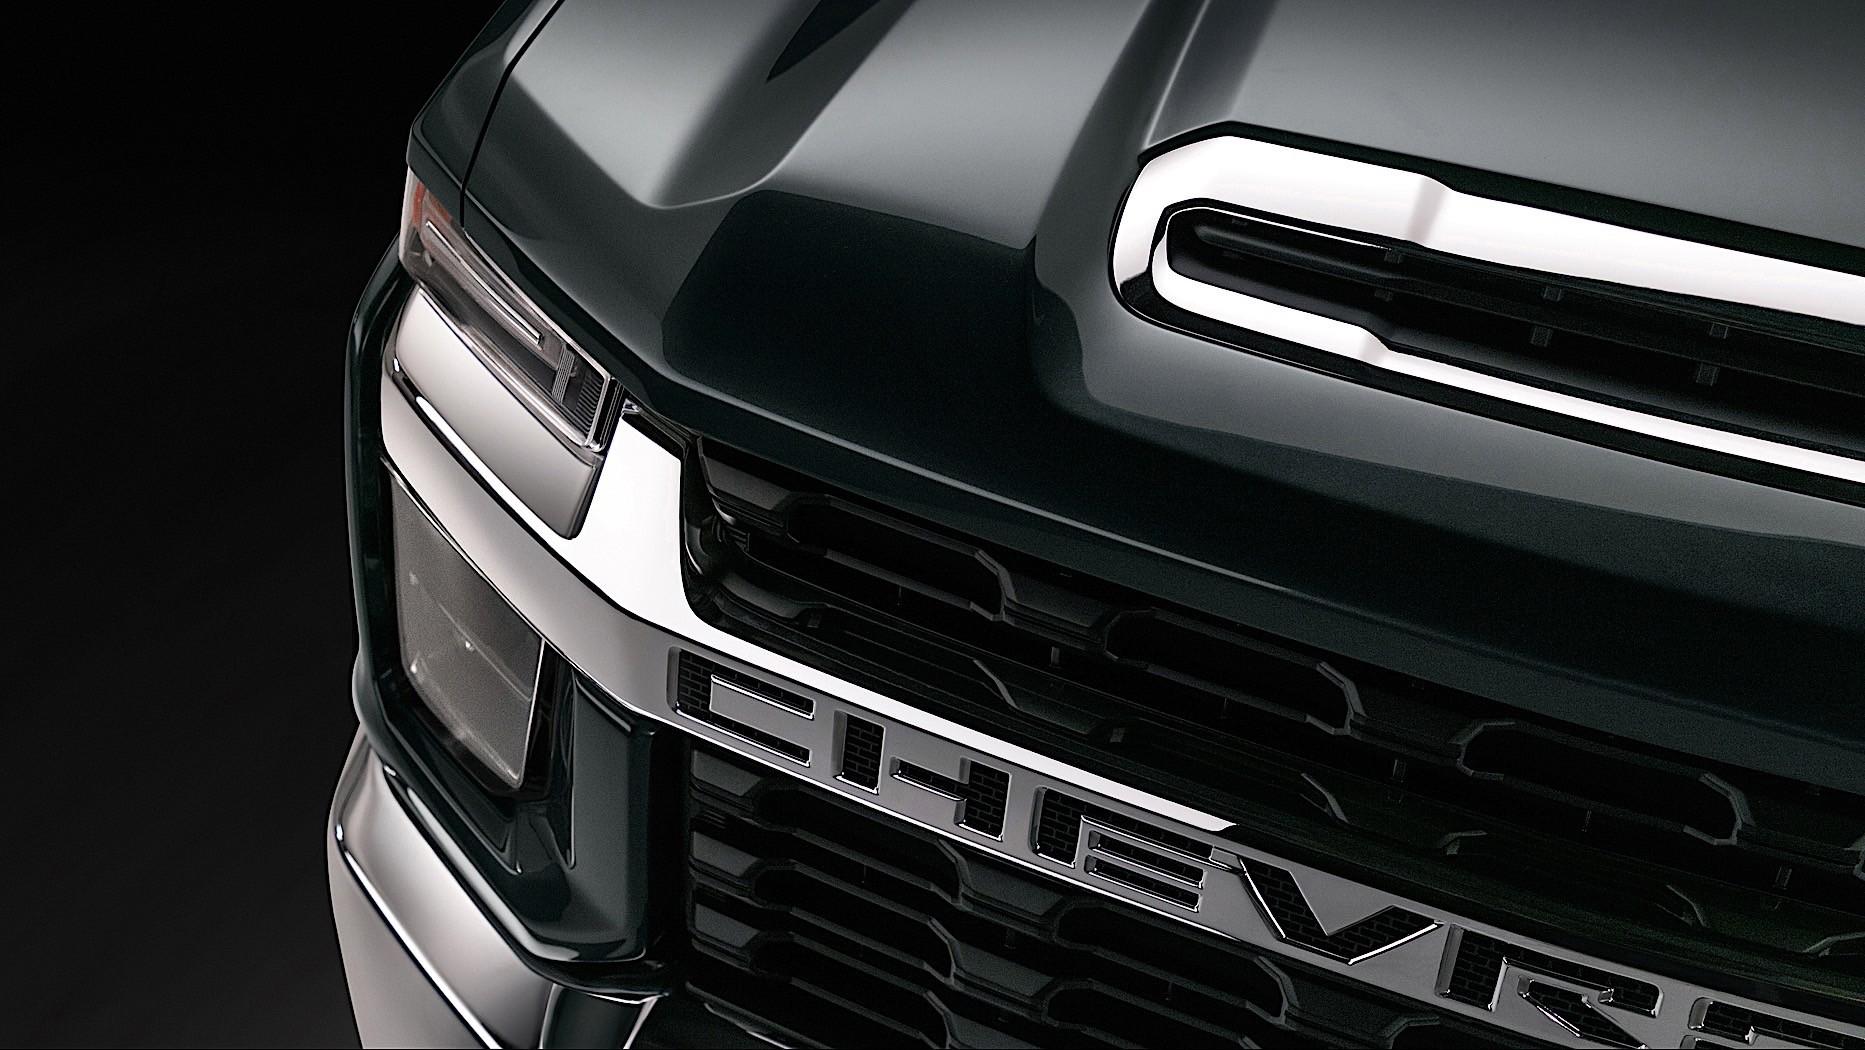 Chevrolet Silverado HD 2019 (4)